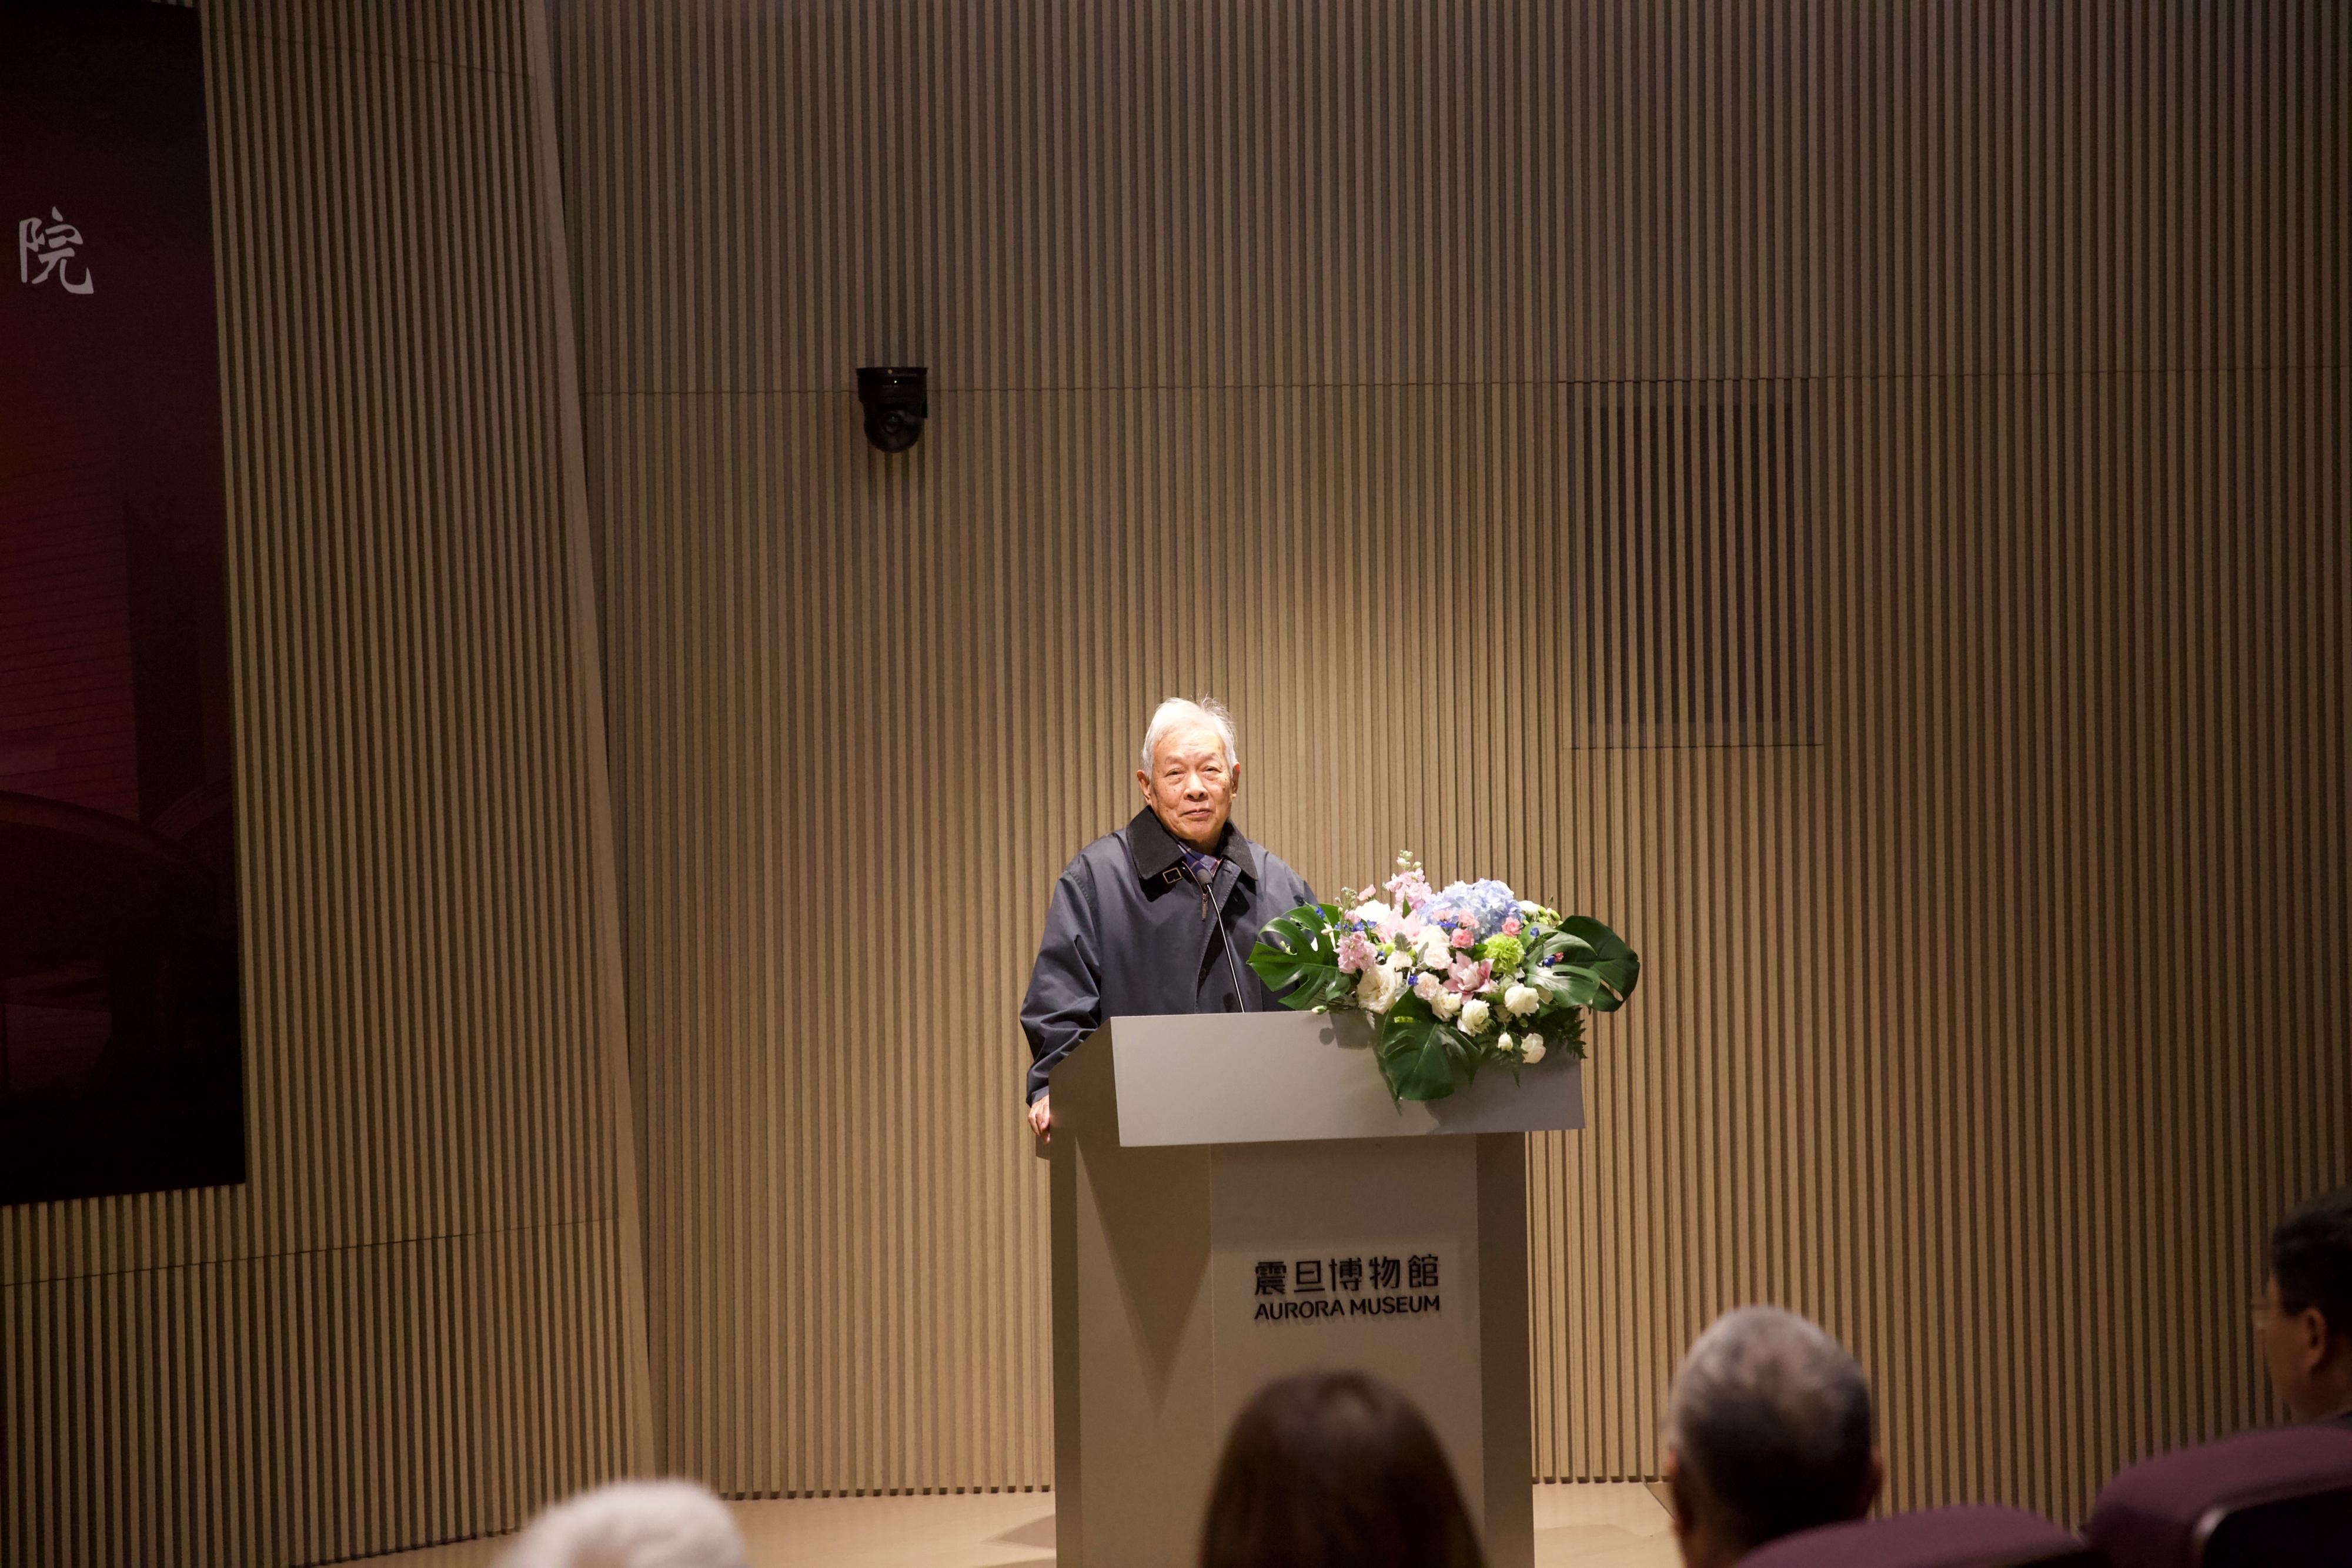 北大考古文博学院李伯谦教授致辞回顾 与震旦博物馆结缘至合作的历程